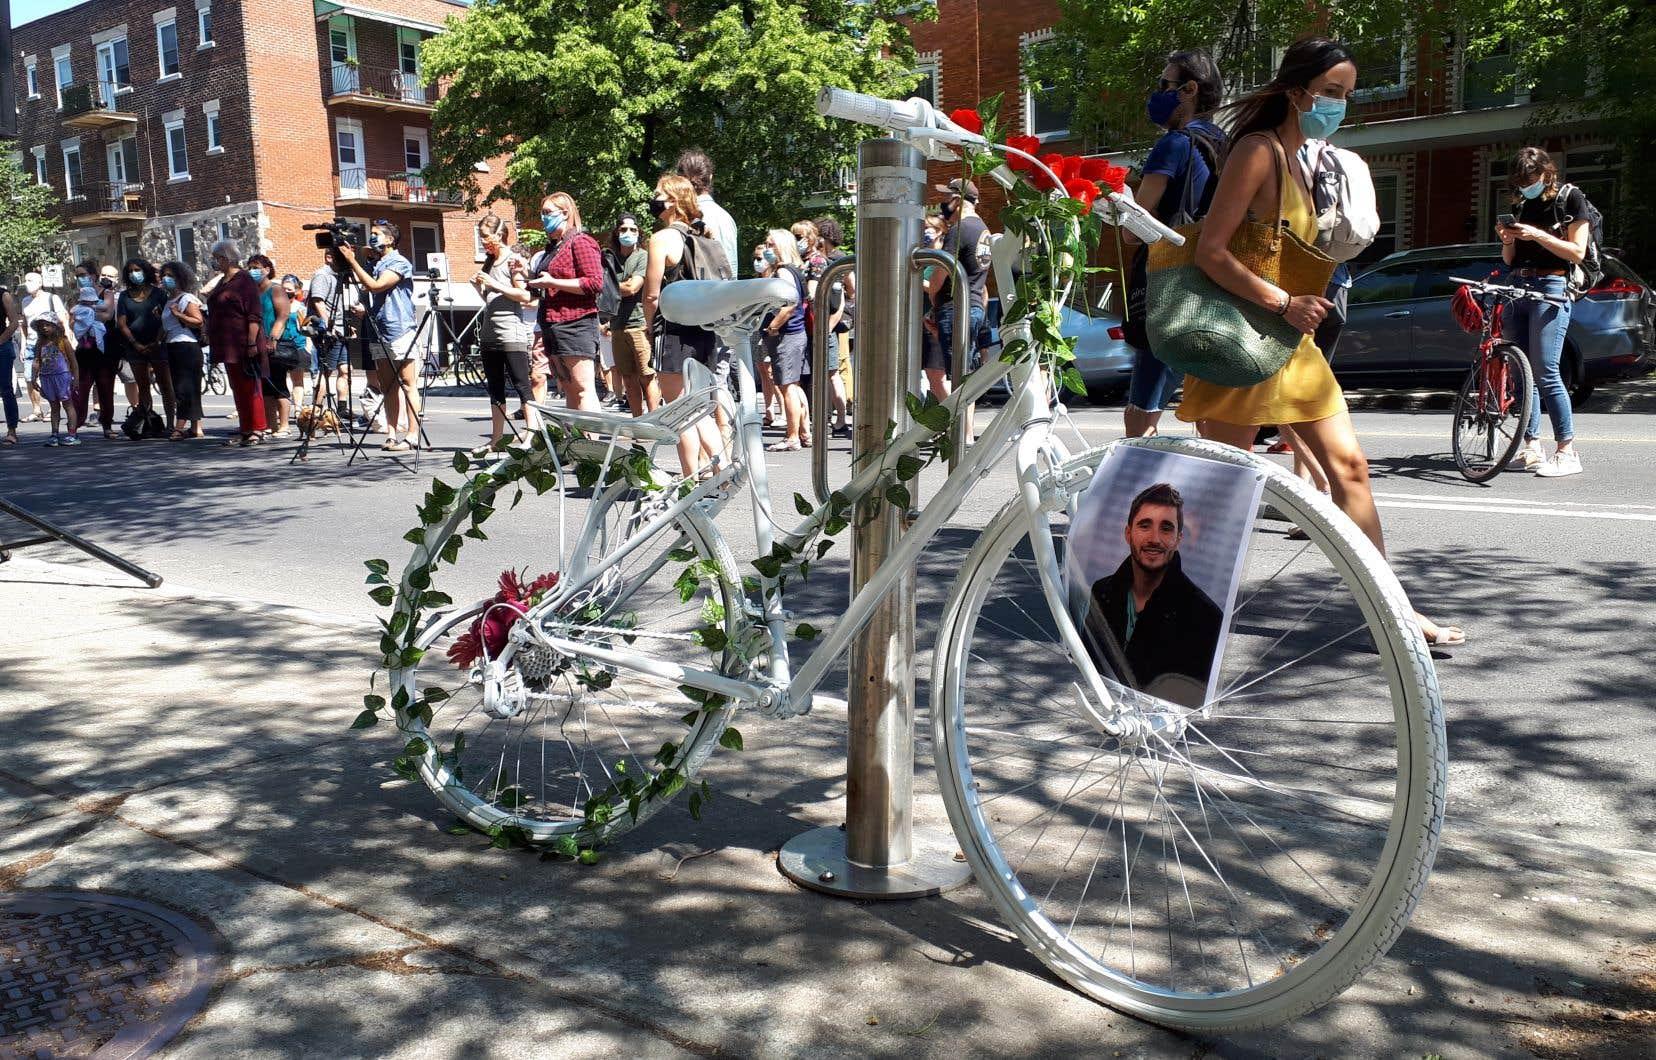 Plus d'une centaine de personnes se sont recueillies vers 11h à l'endroit exact où la collision a eu lieu, sur l'avenue Papineau, pour installer un vélo fantôme – qui se caractérise par sa couleur blanche – en hommage à M. Levesque.